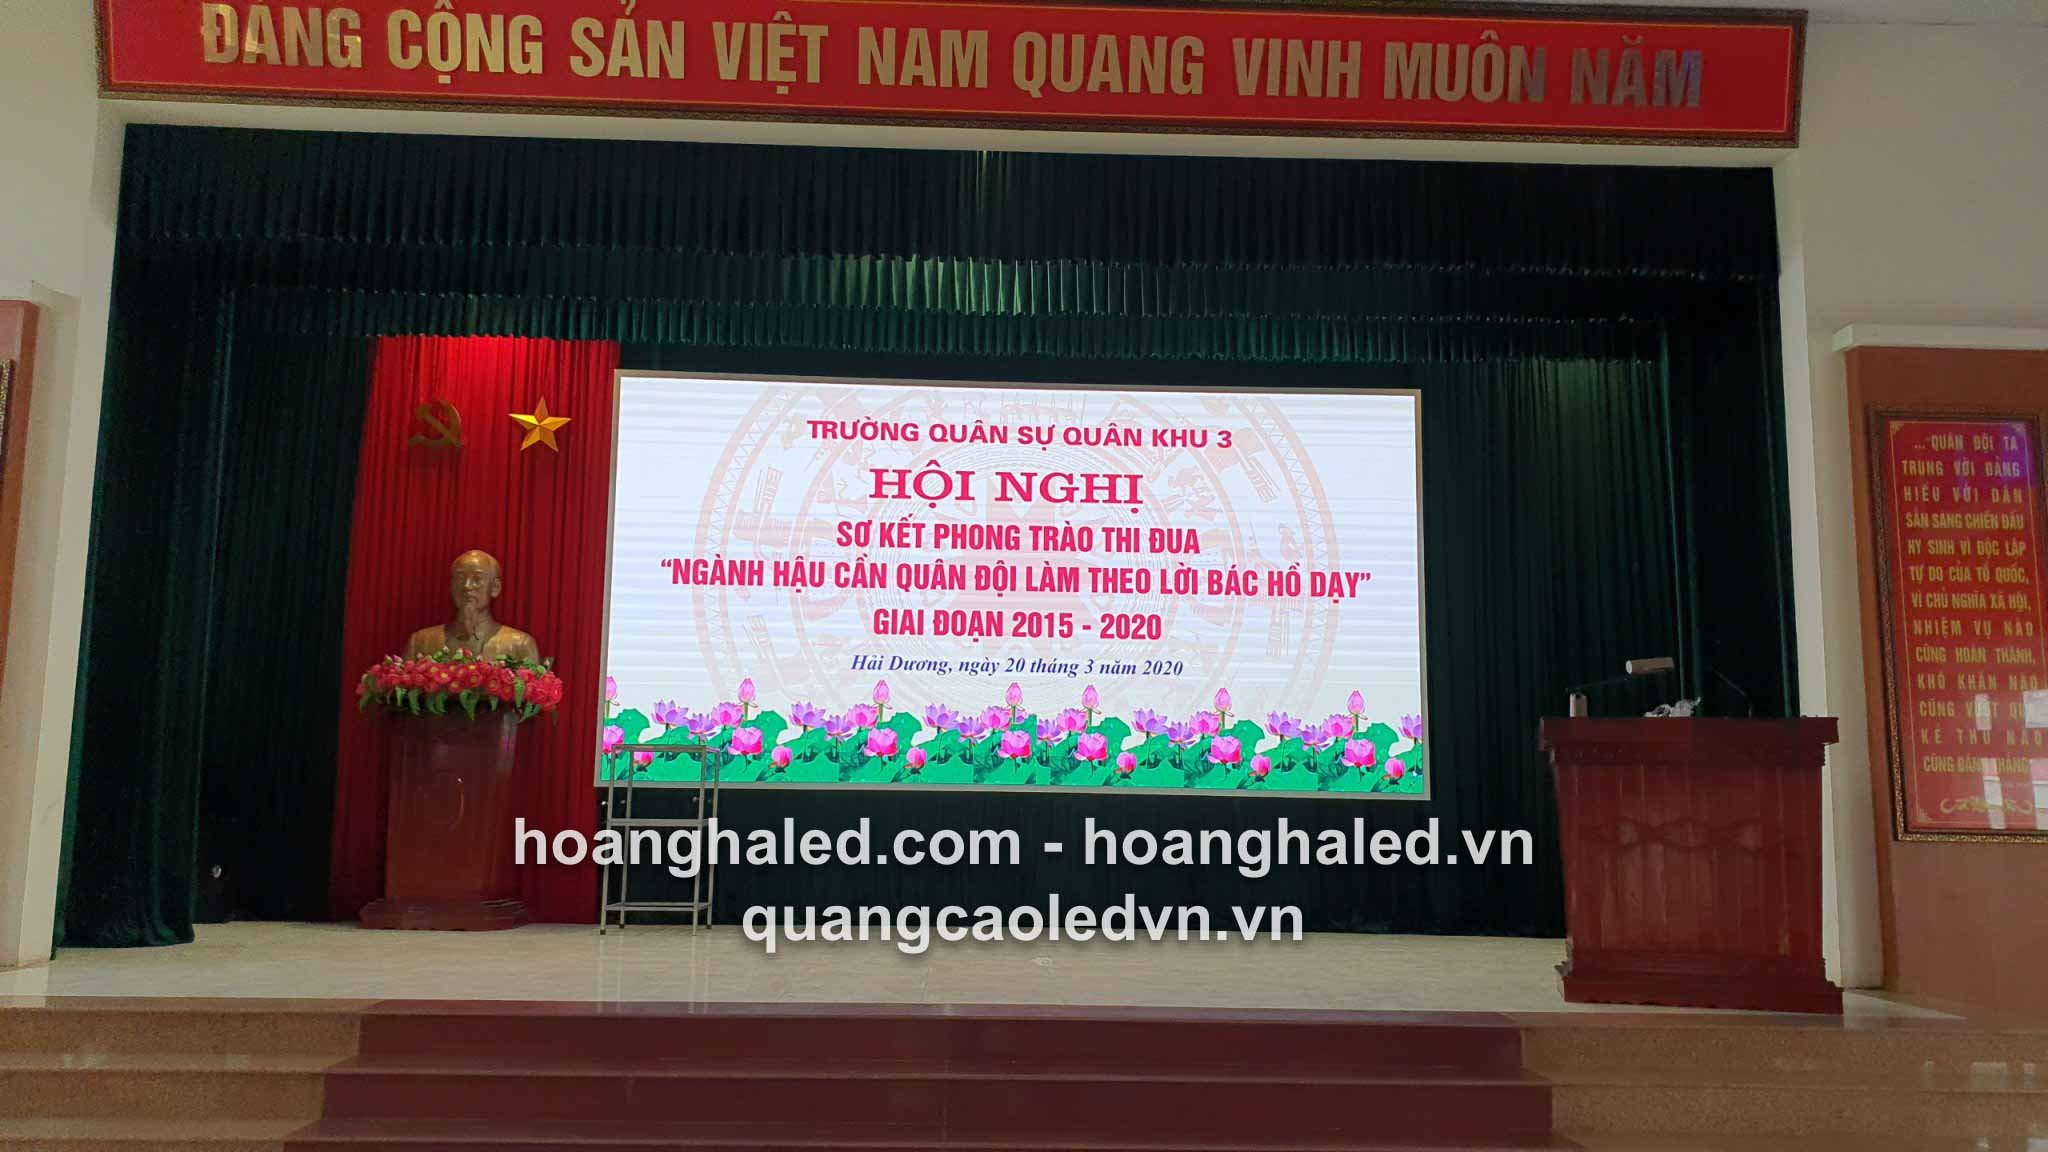 man_hinh_led_p3_trong_nha_tai_truong_quan_su2